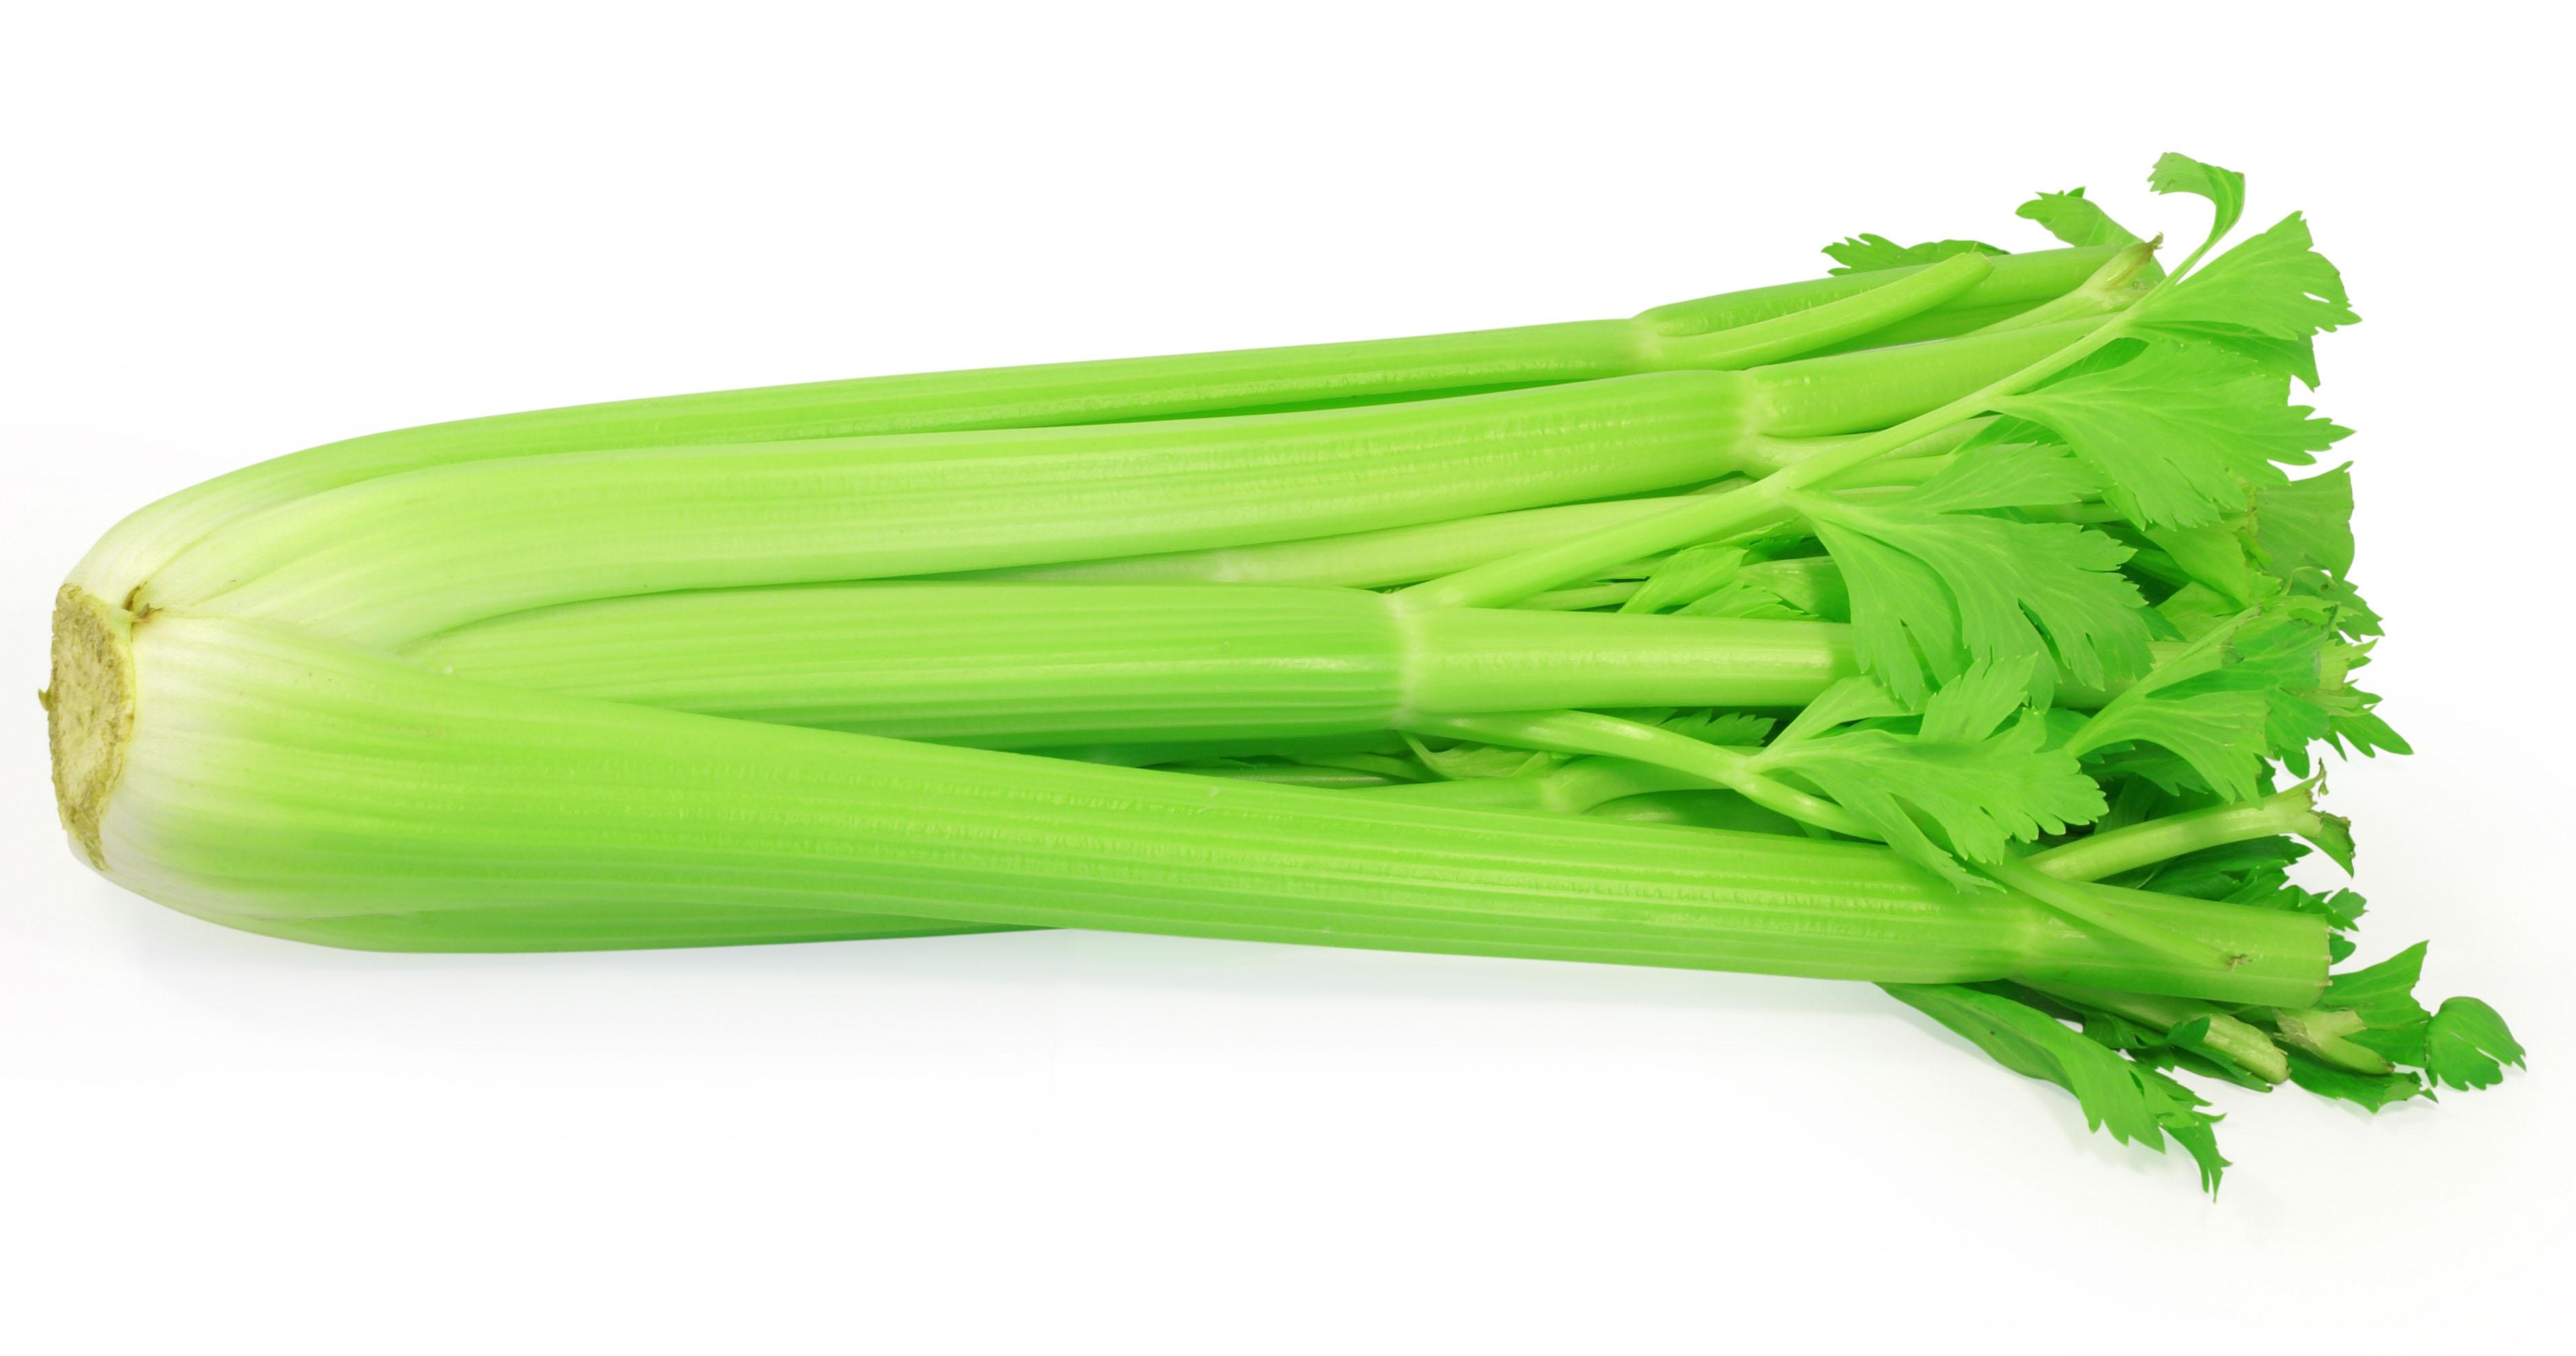 cần tây có tác dụng kích thích sự tiết nước bọt tăng lên, nhờ đó các loại vi khuẩn sẽ được làm sạch trong khi chúng ta ăn nhai